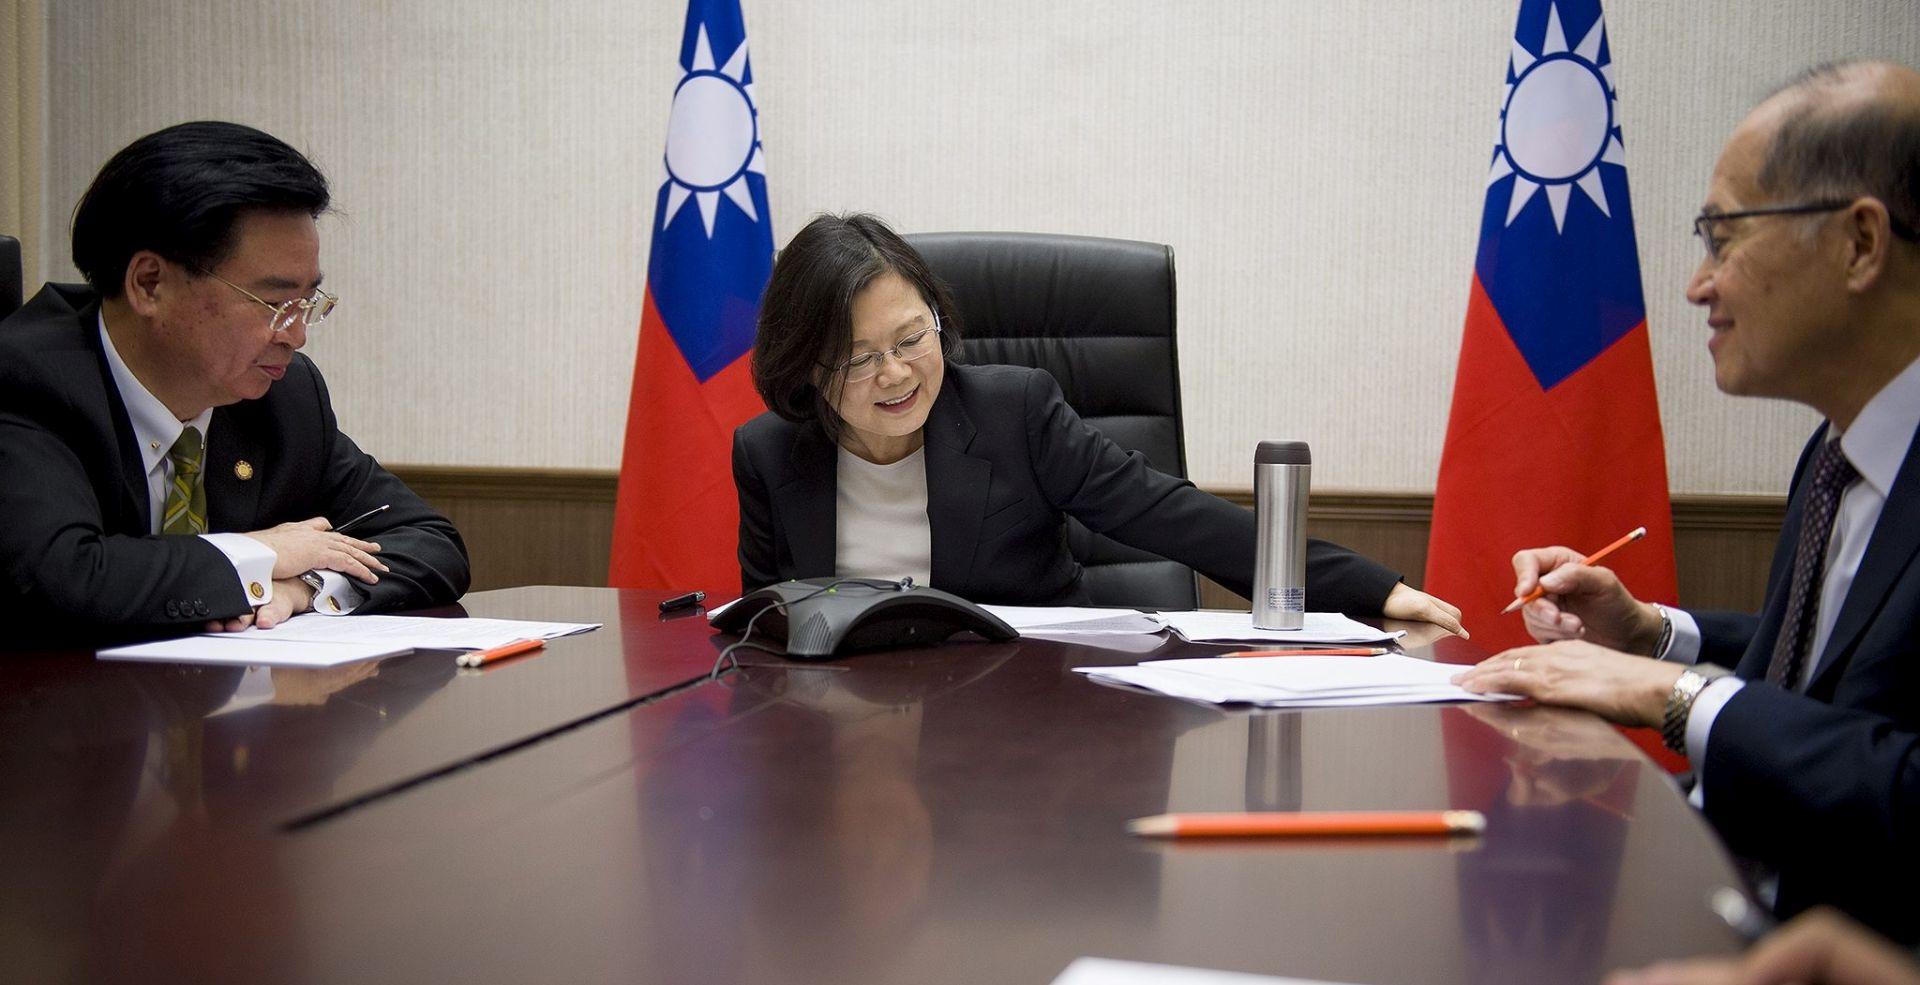 Poziv Tajvana Trumpu – samo kurtoazni poziv